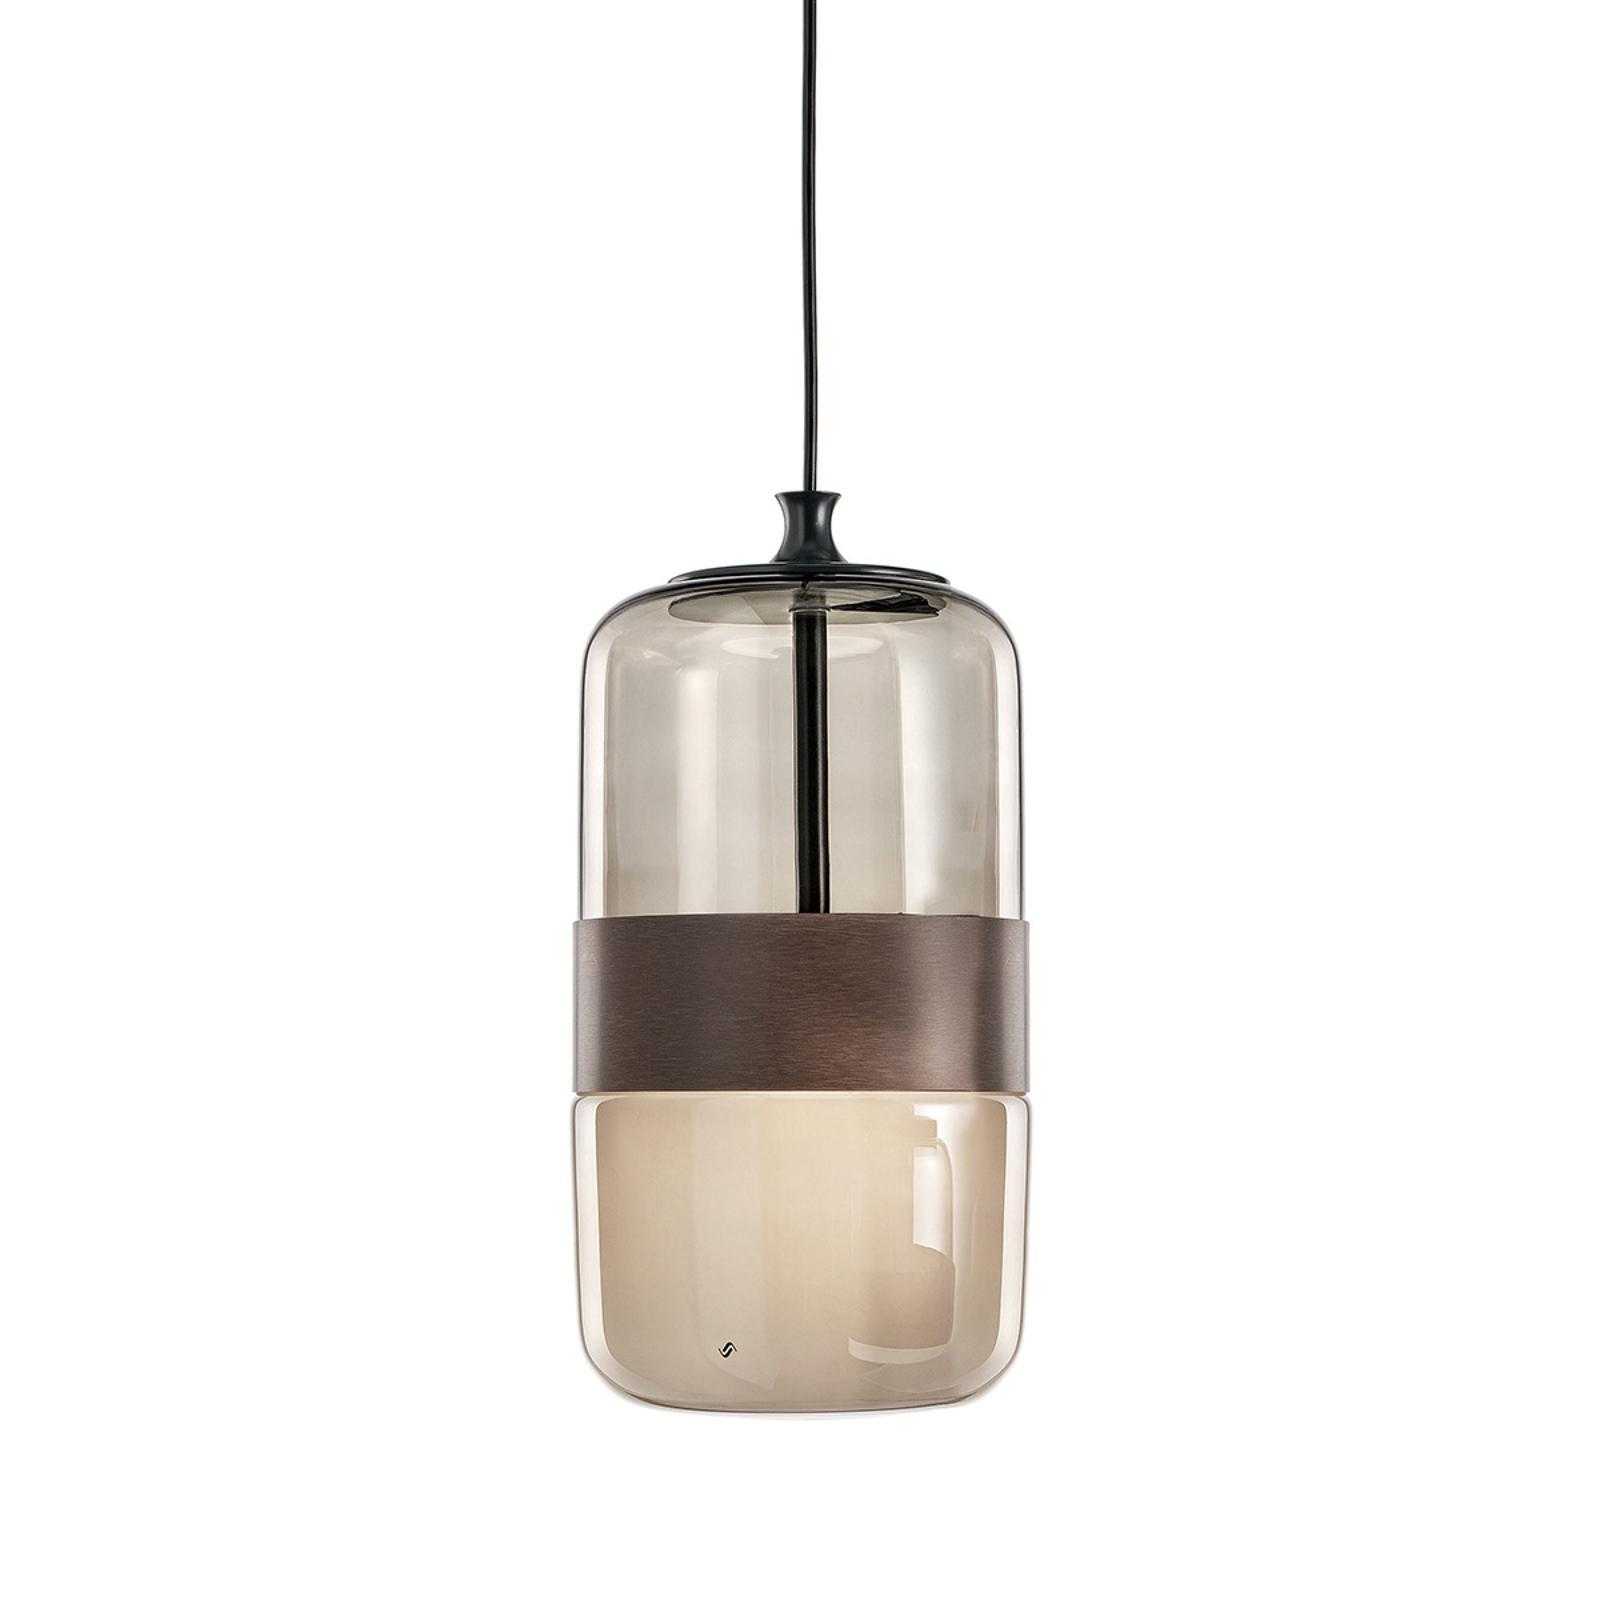 Suspension Futura en verre de Murano, 23cm